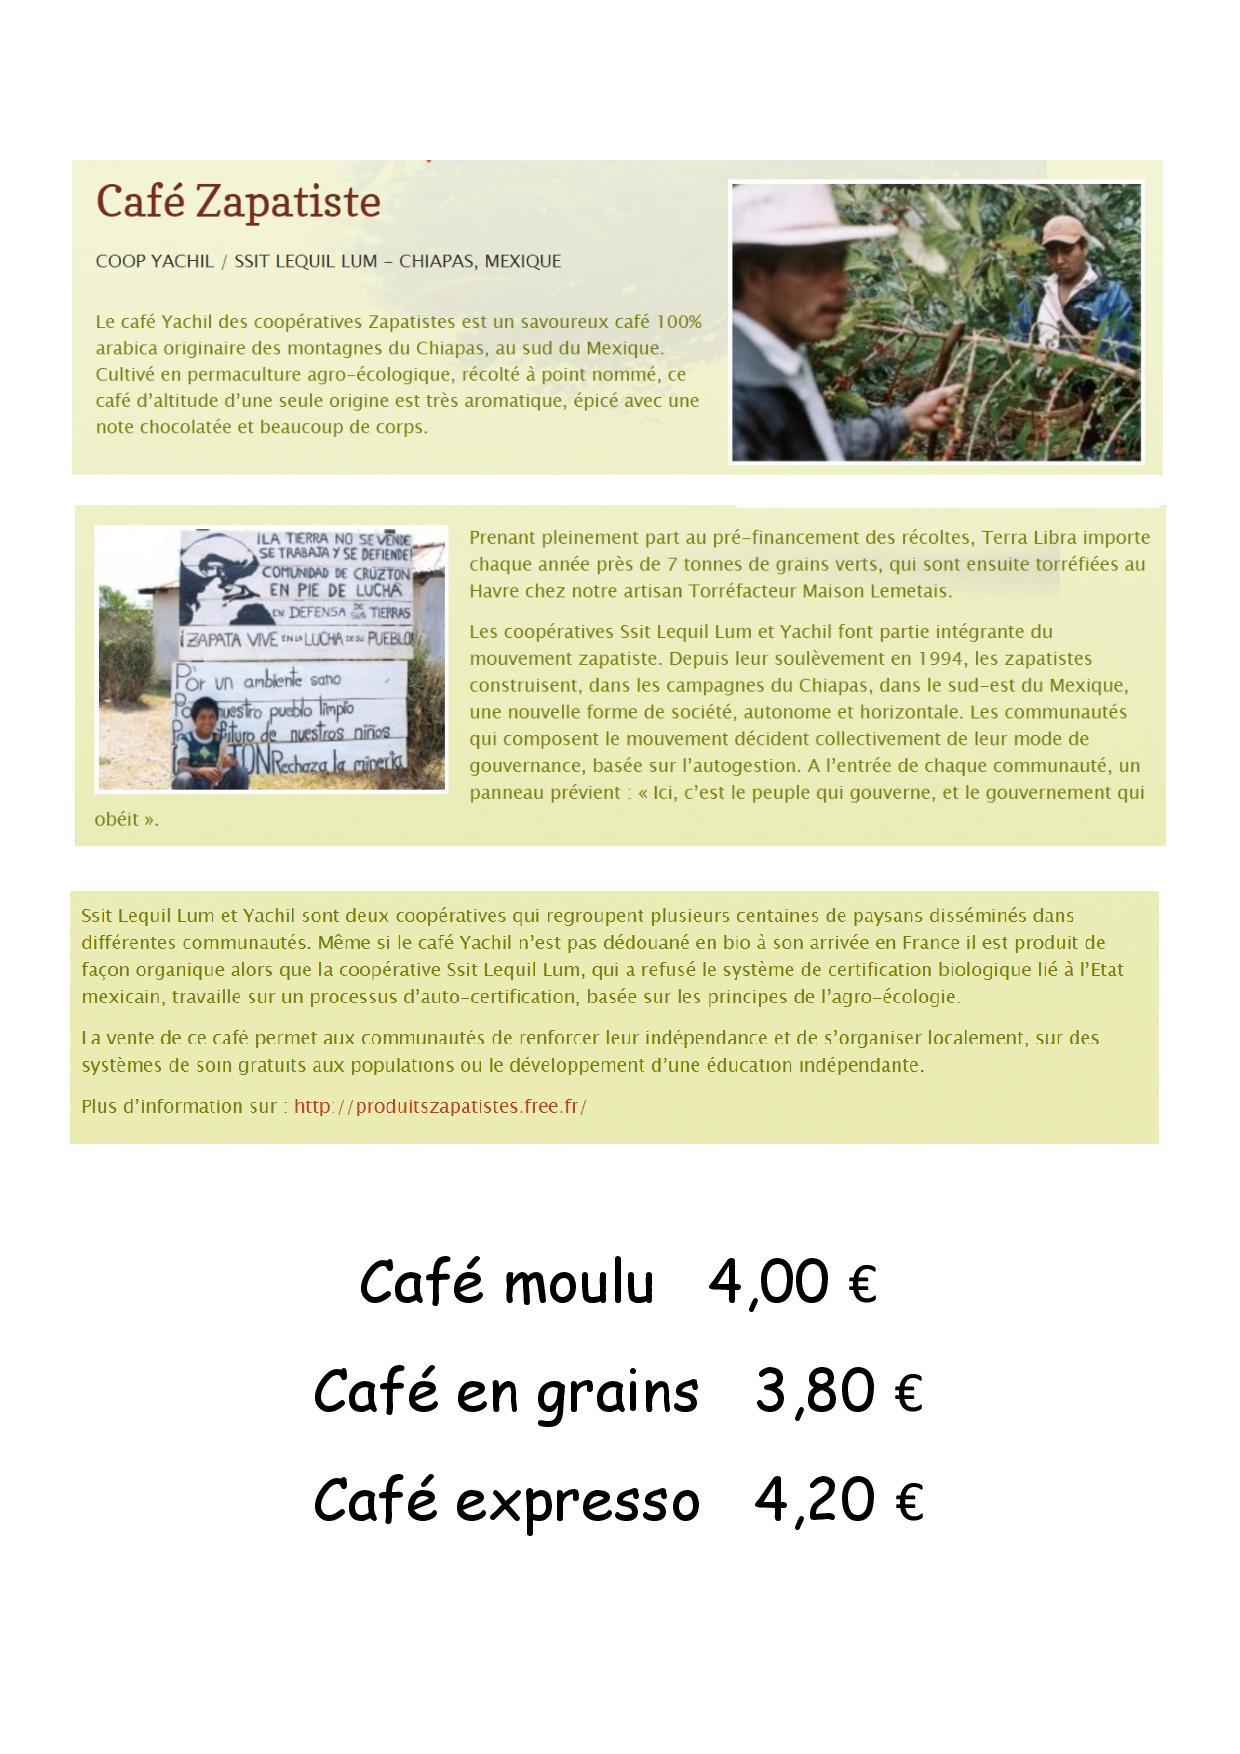 Cafe zapa page 001